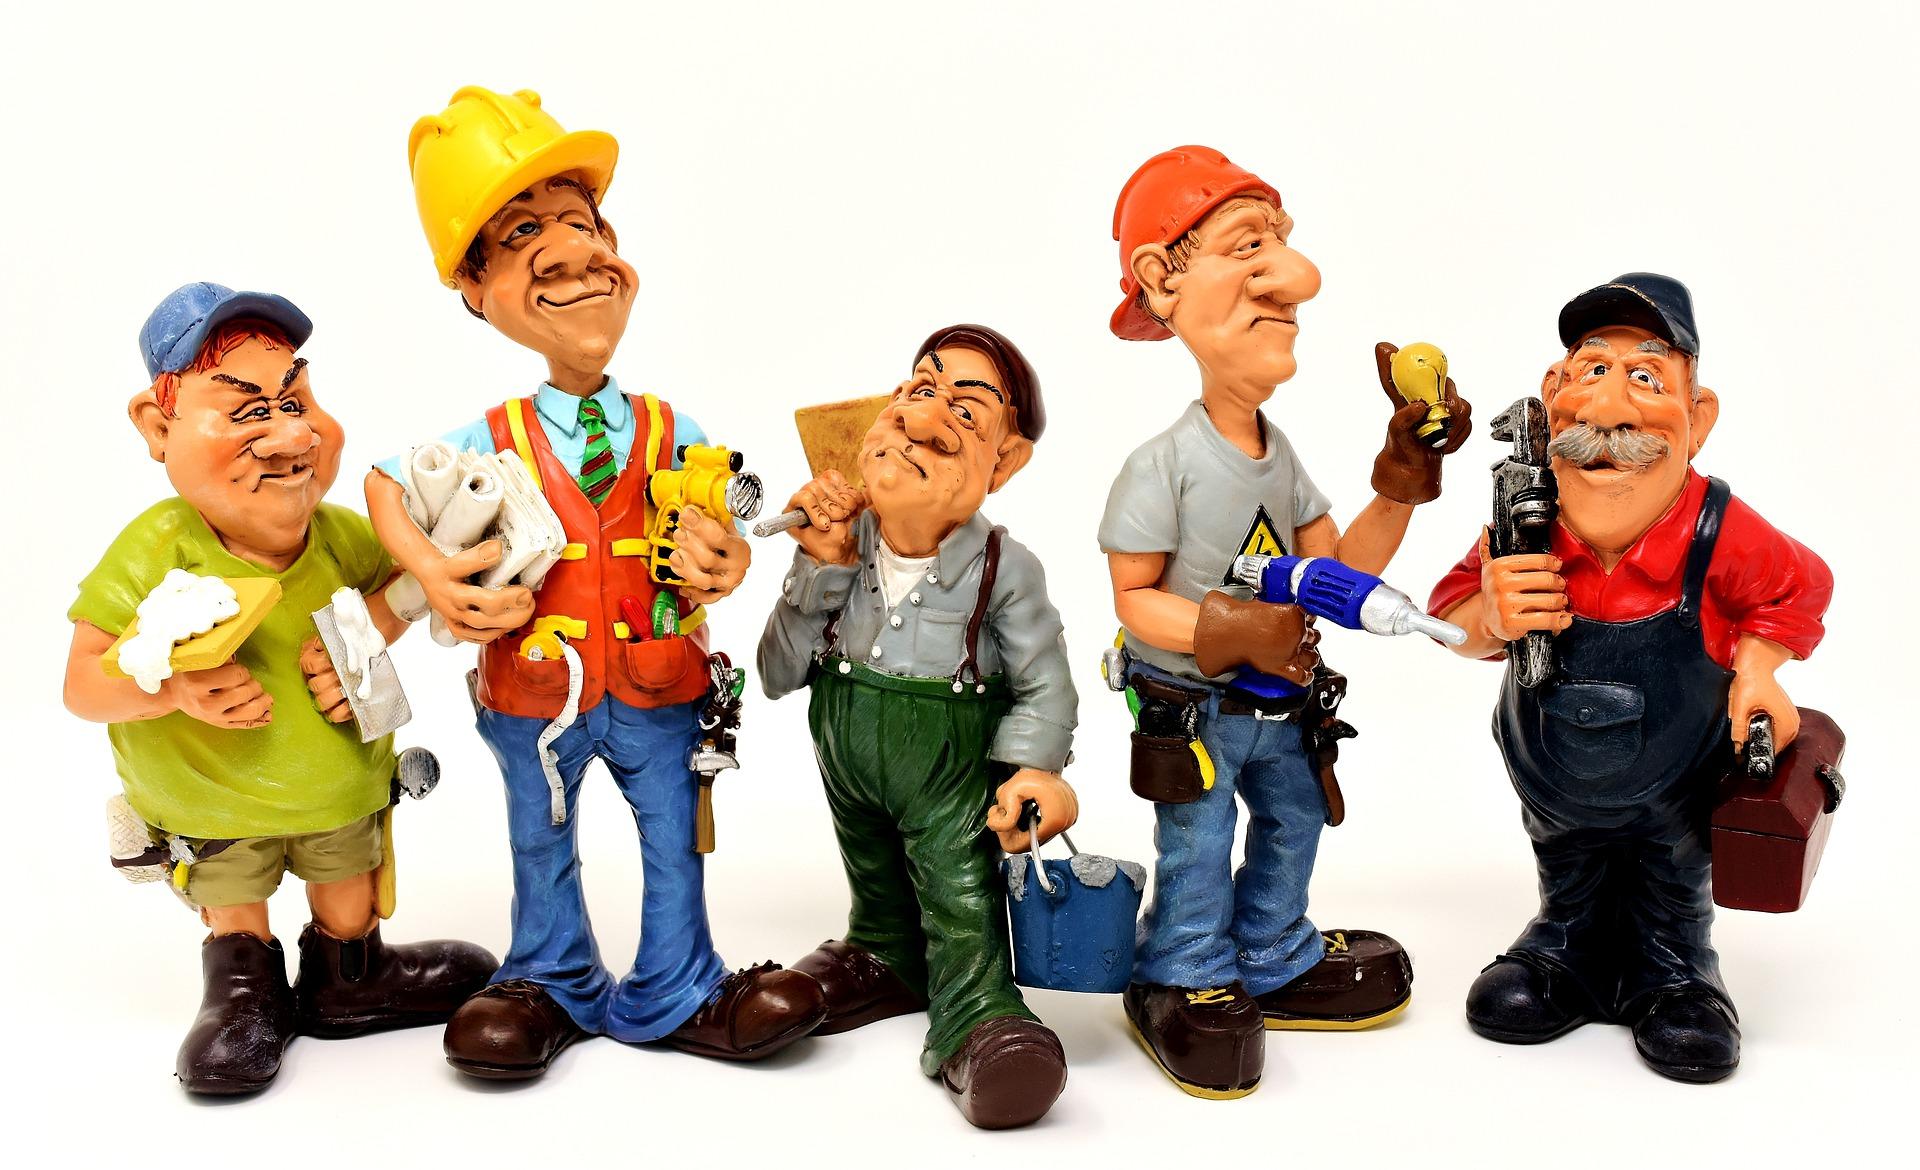 Elektriker eller rørlegger: Hvilket yrke er riktig for deg?